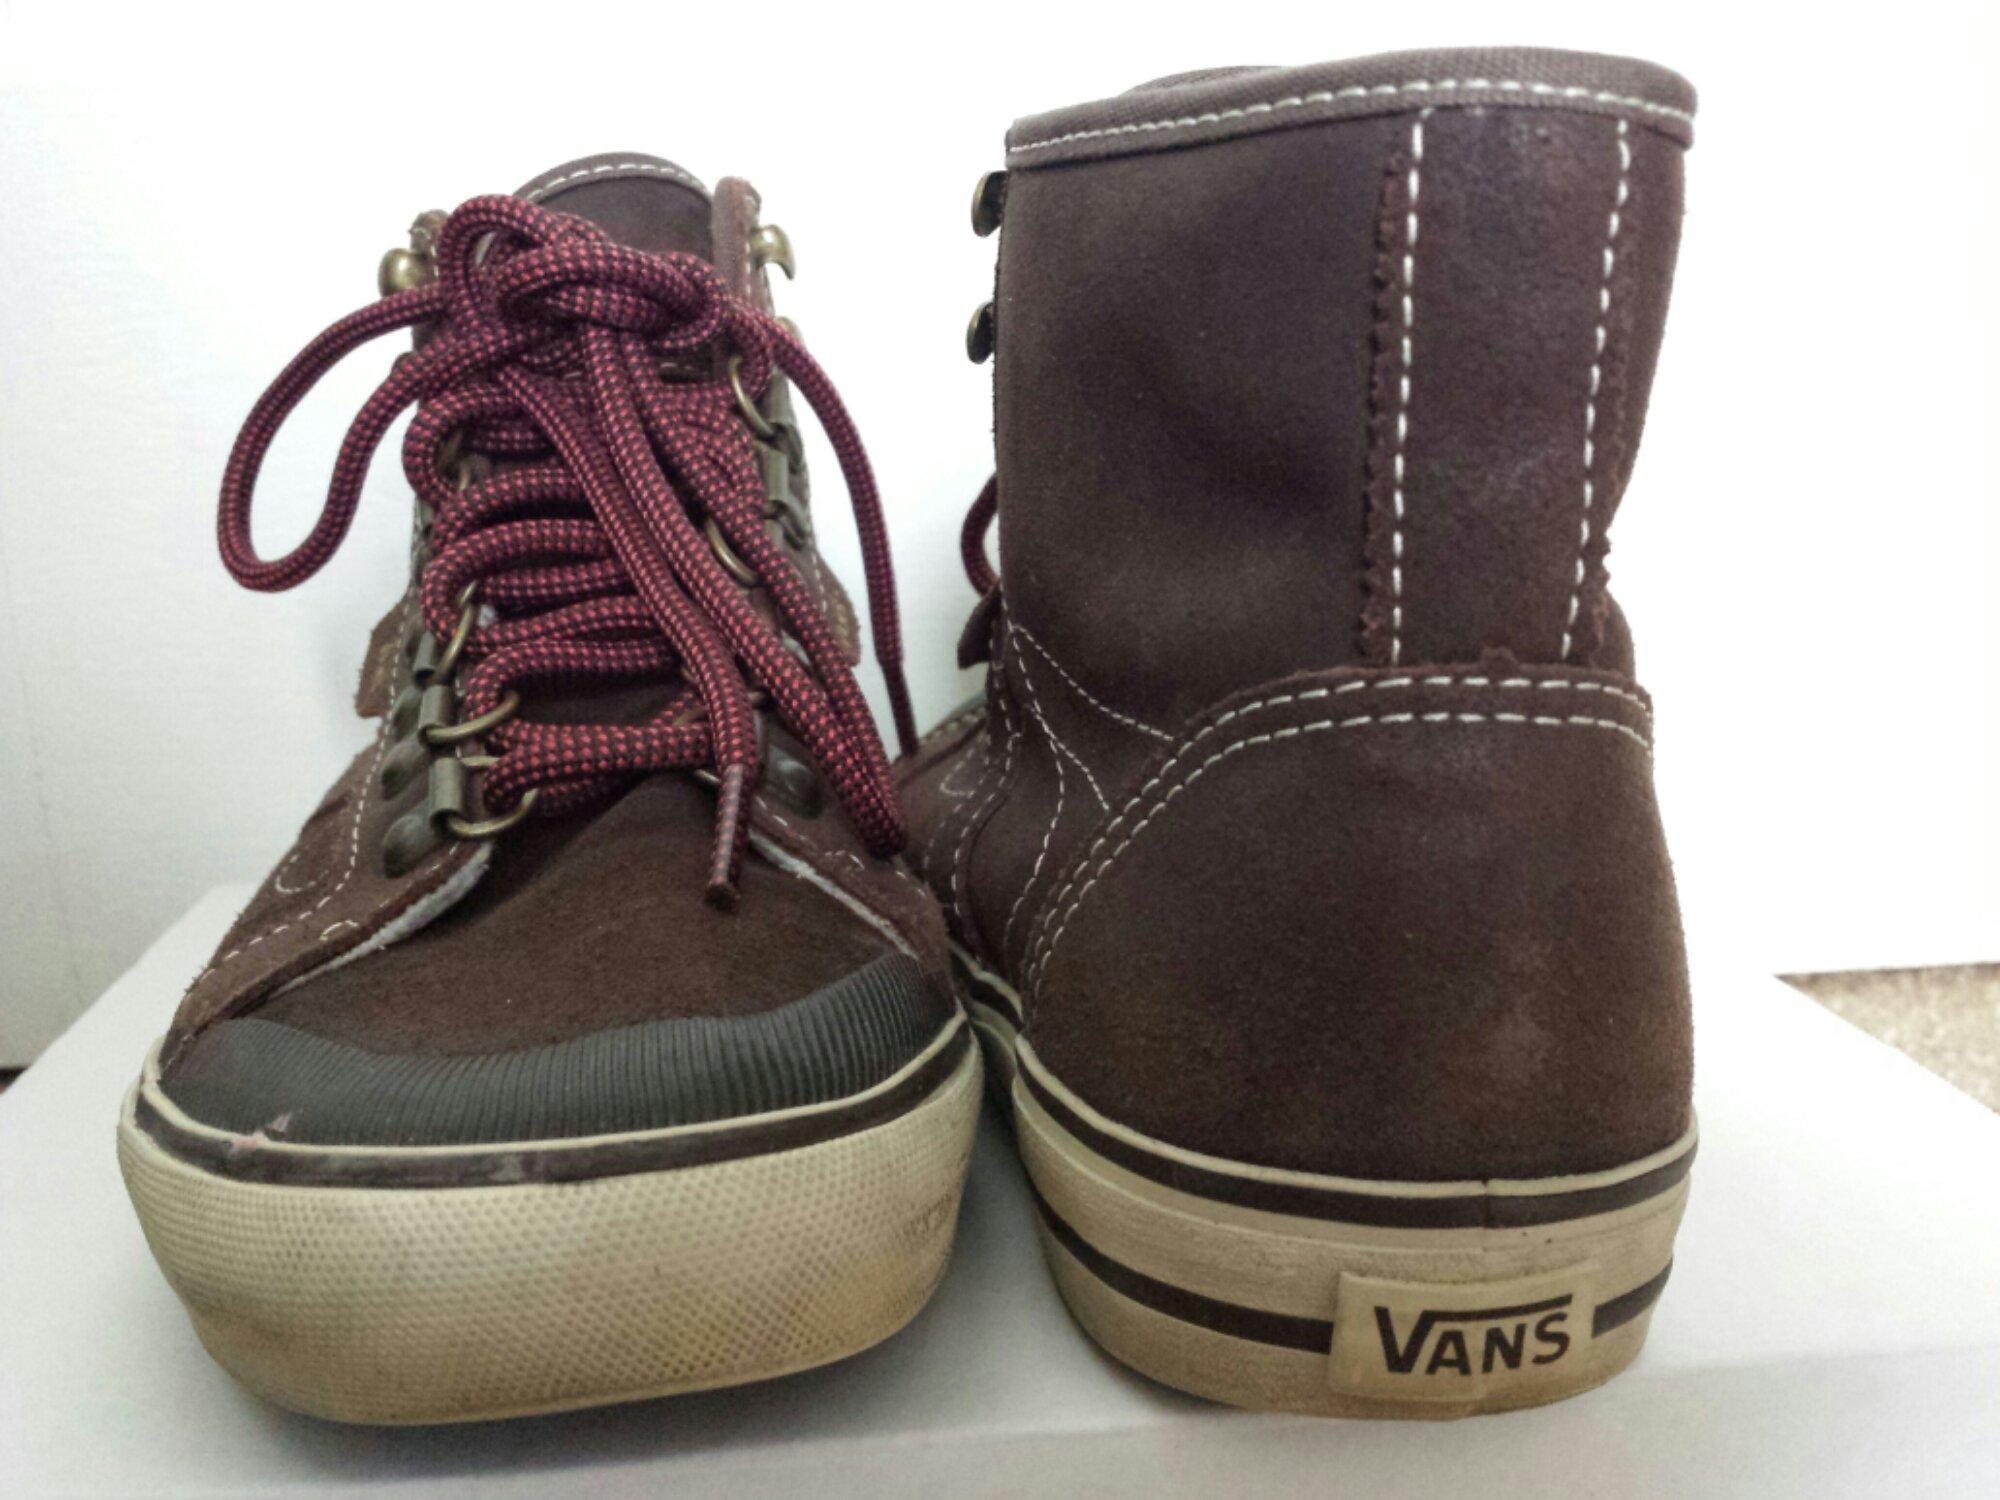 vans hiking boots